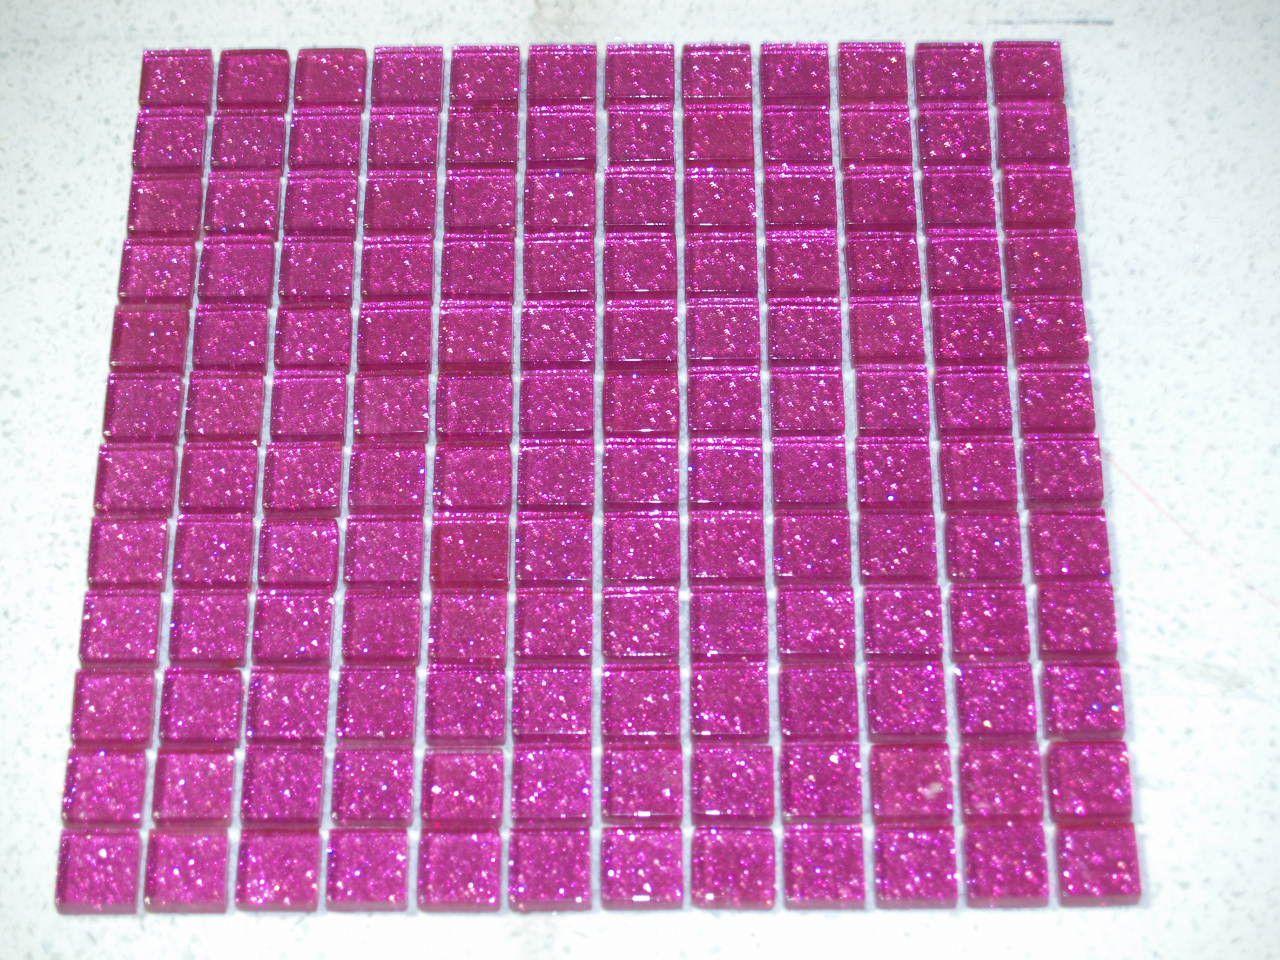 Glitter Pink Gl Mosaic Tiles Model Number V05 2 409 P Jpg